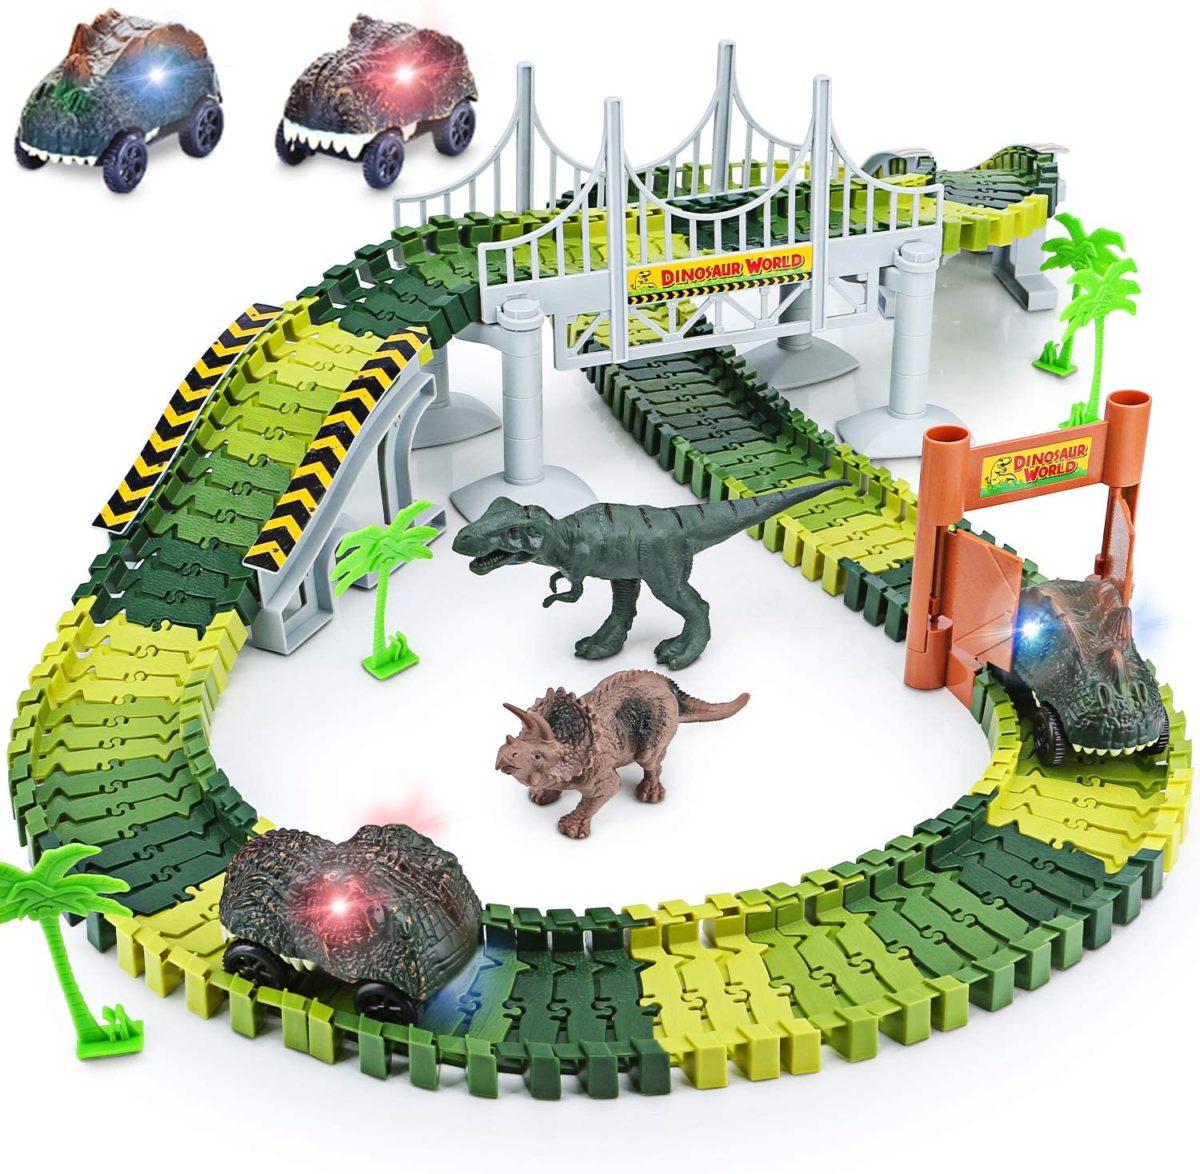 Dinosaur Toys Create A Dinosaur World Road Race